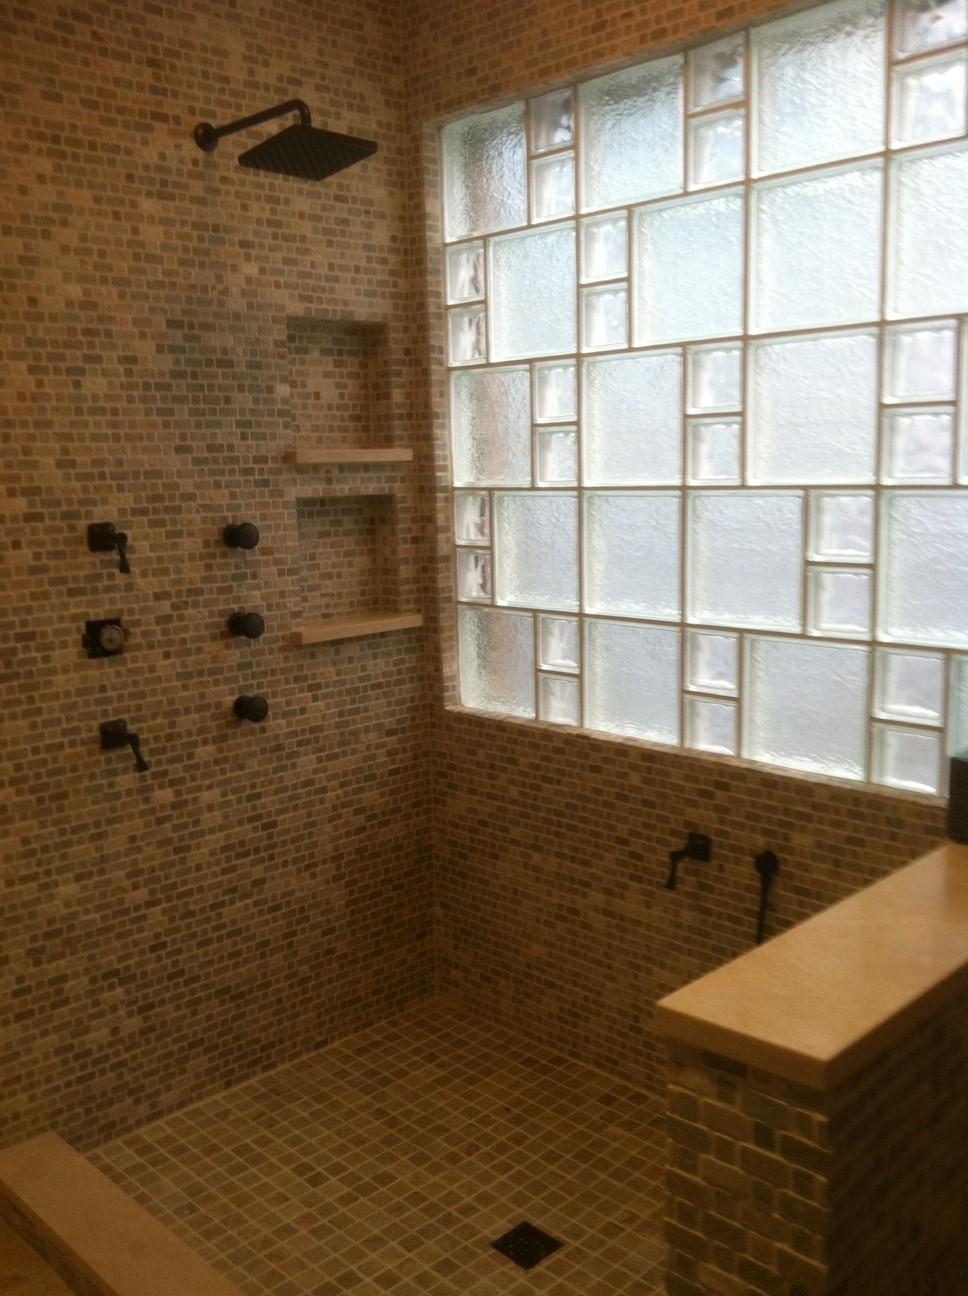 glass block custom style window in shower